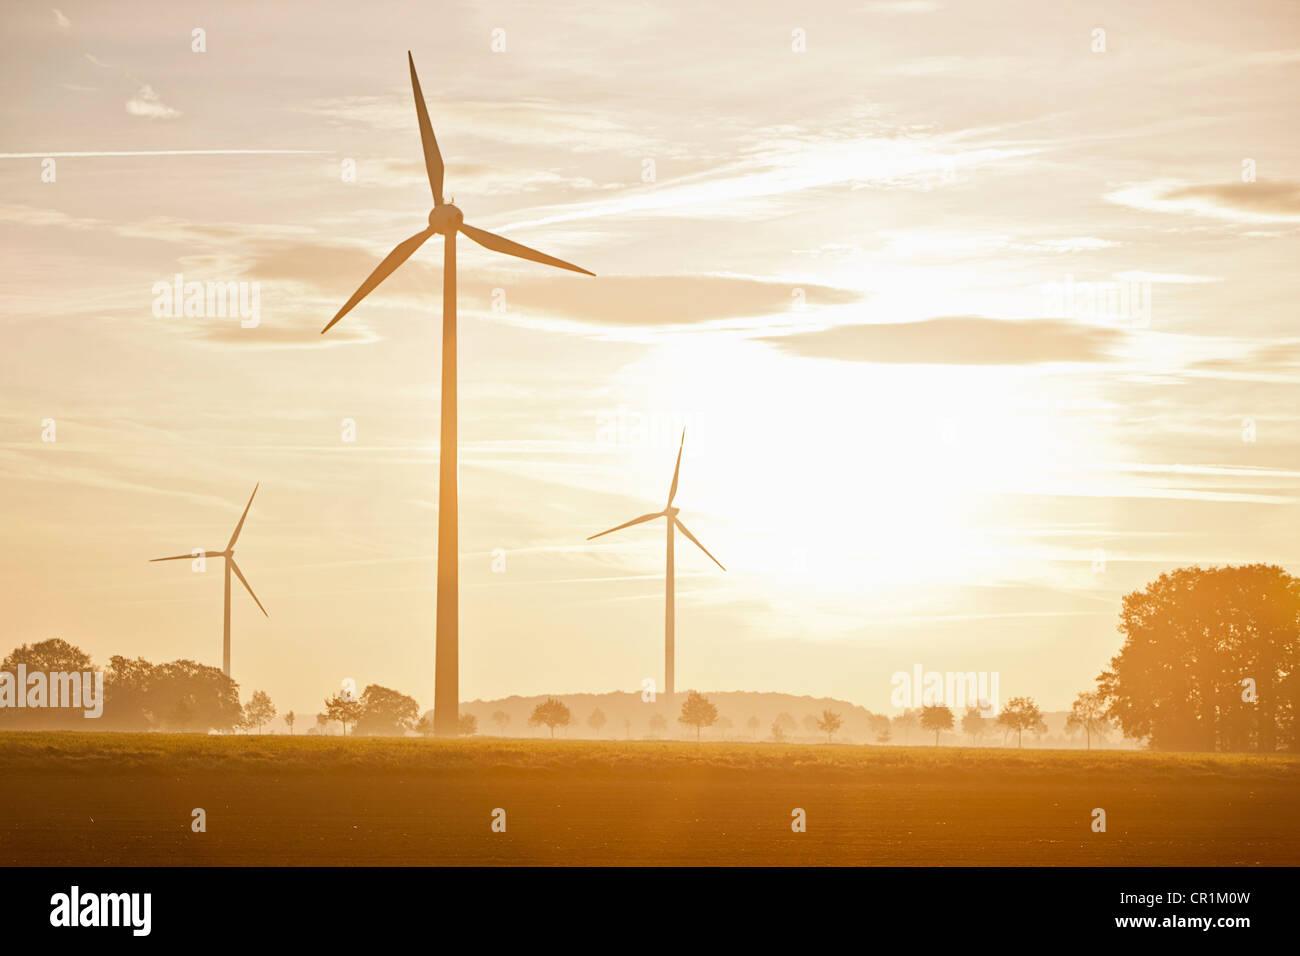 Windkraftanlagen in ländlichen Landschaft Stockbild